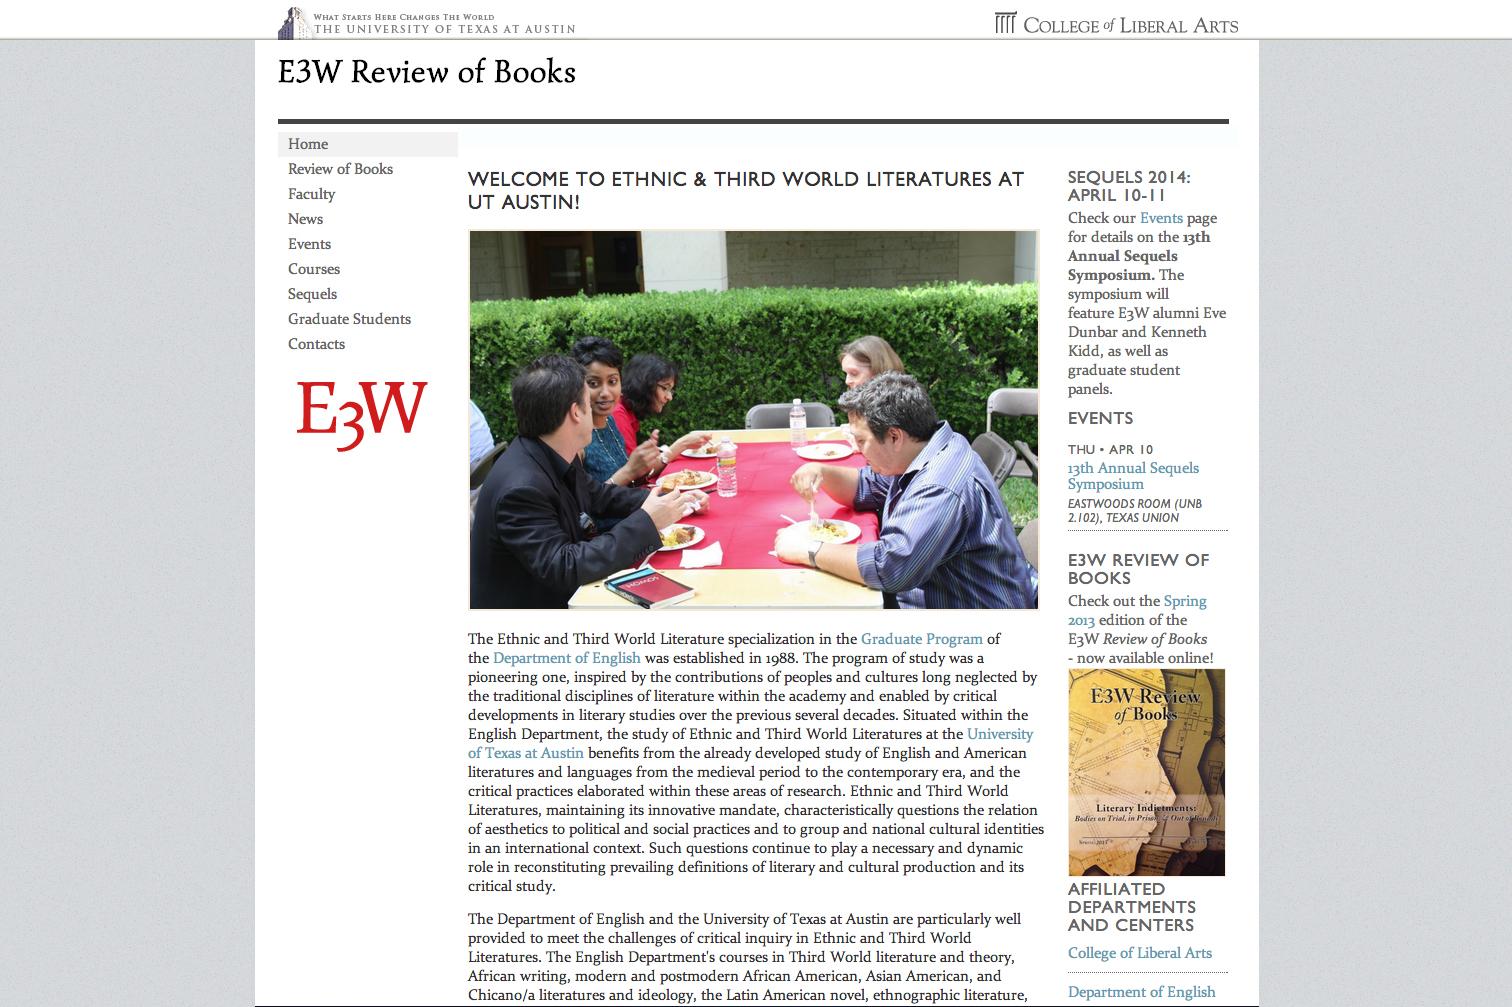 E3W homepage